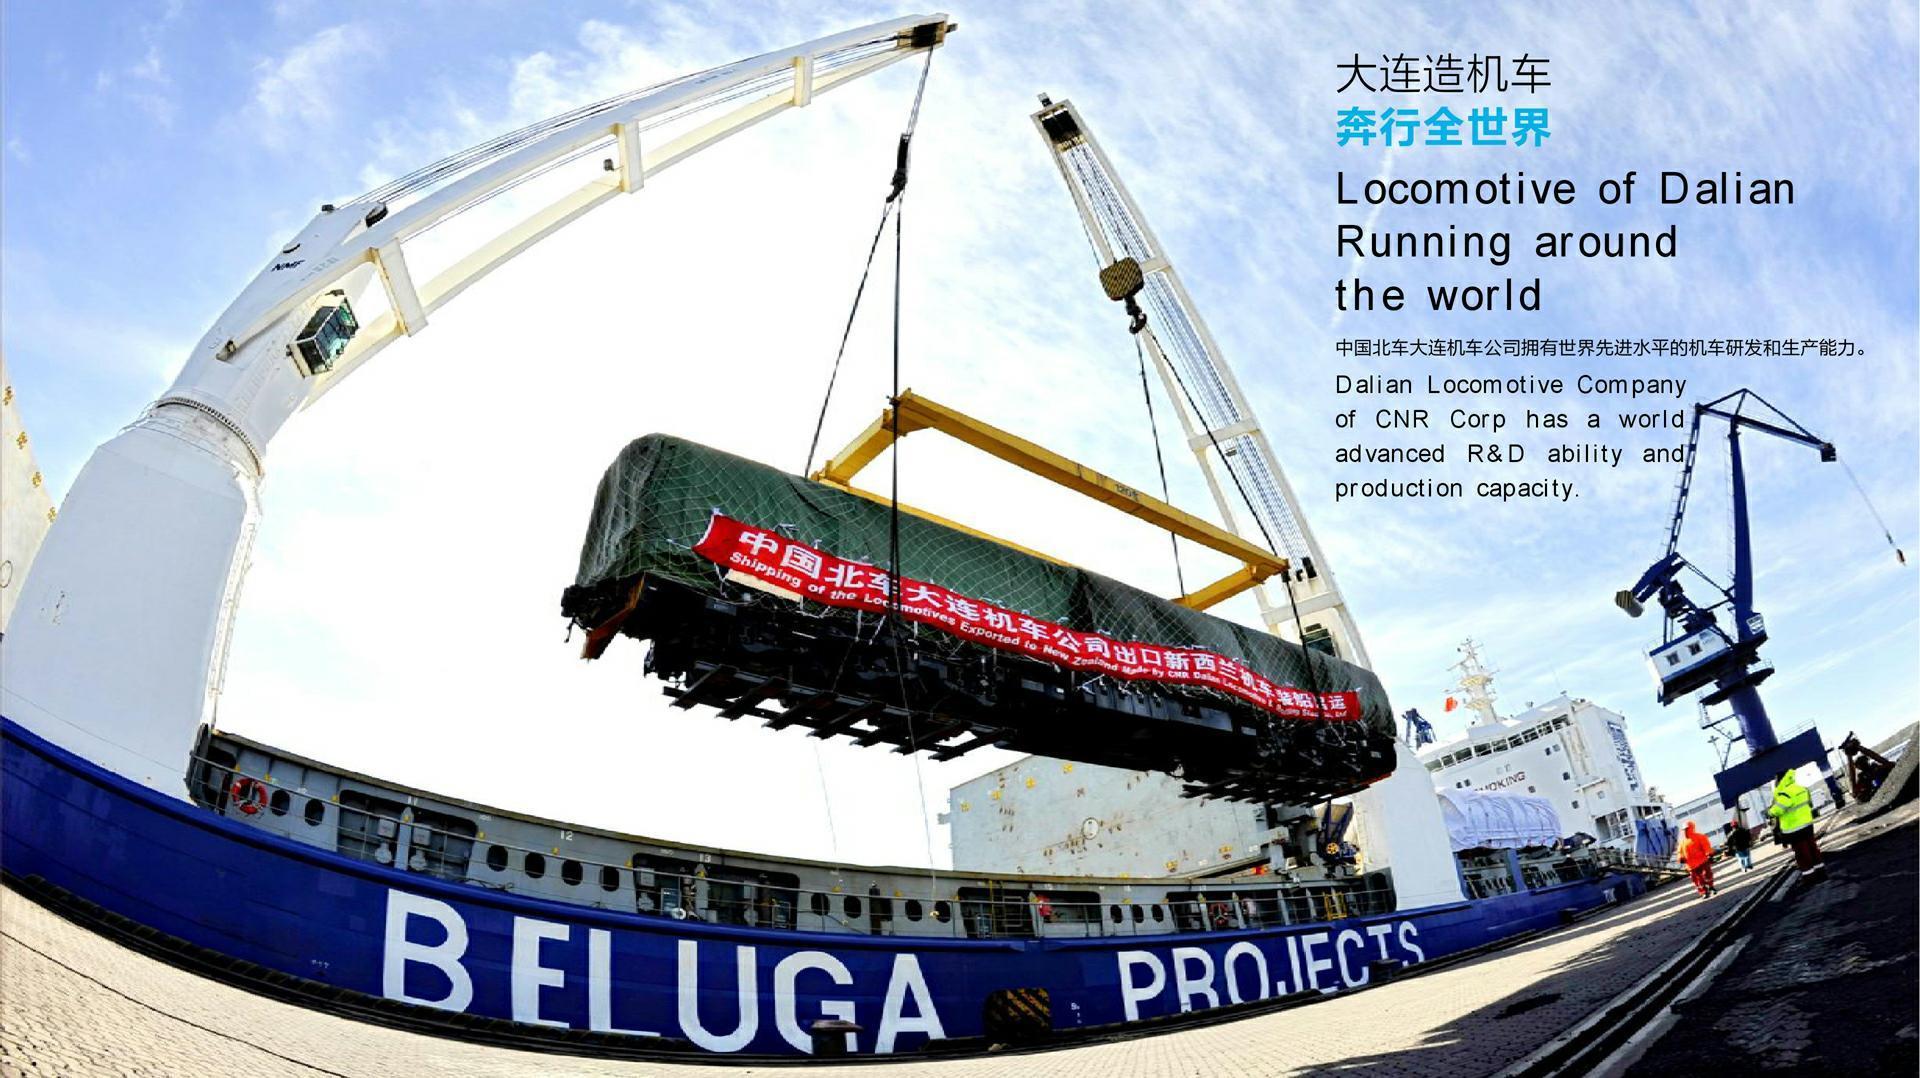 大连造机车,奔行全世界。